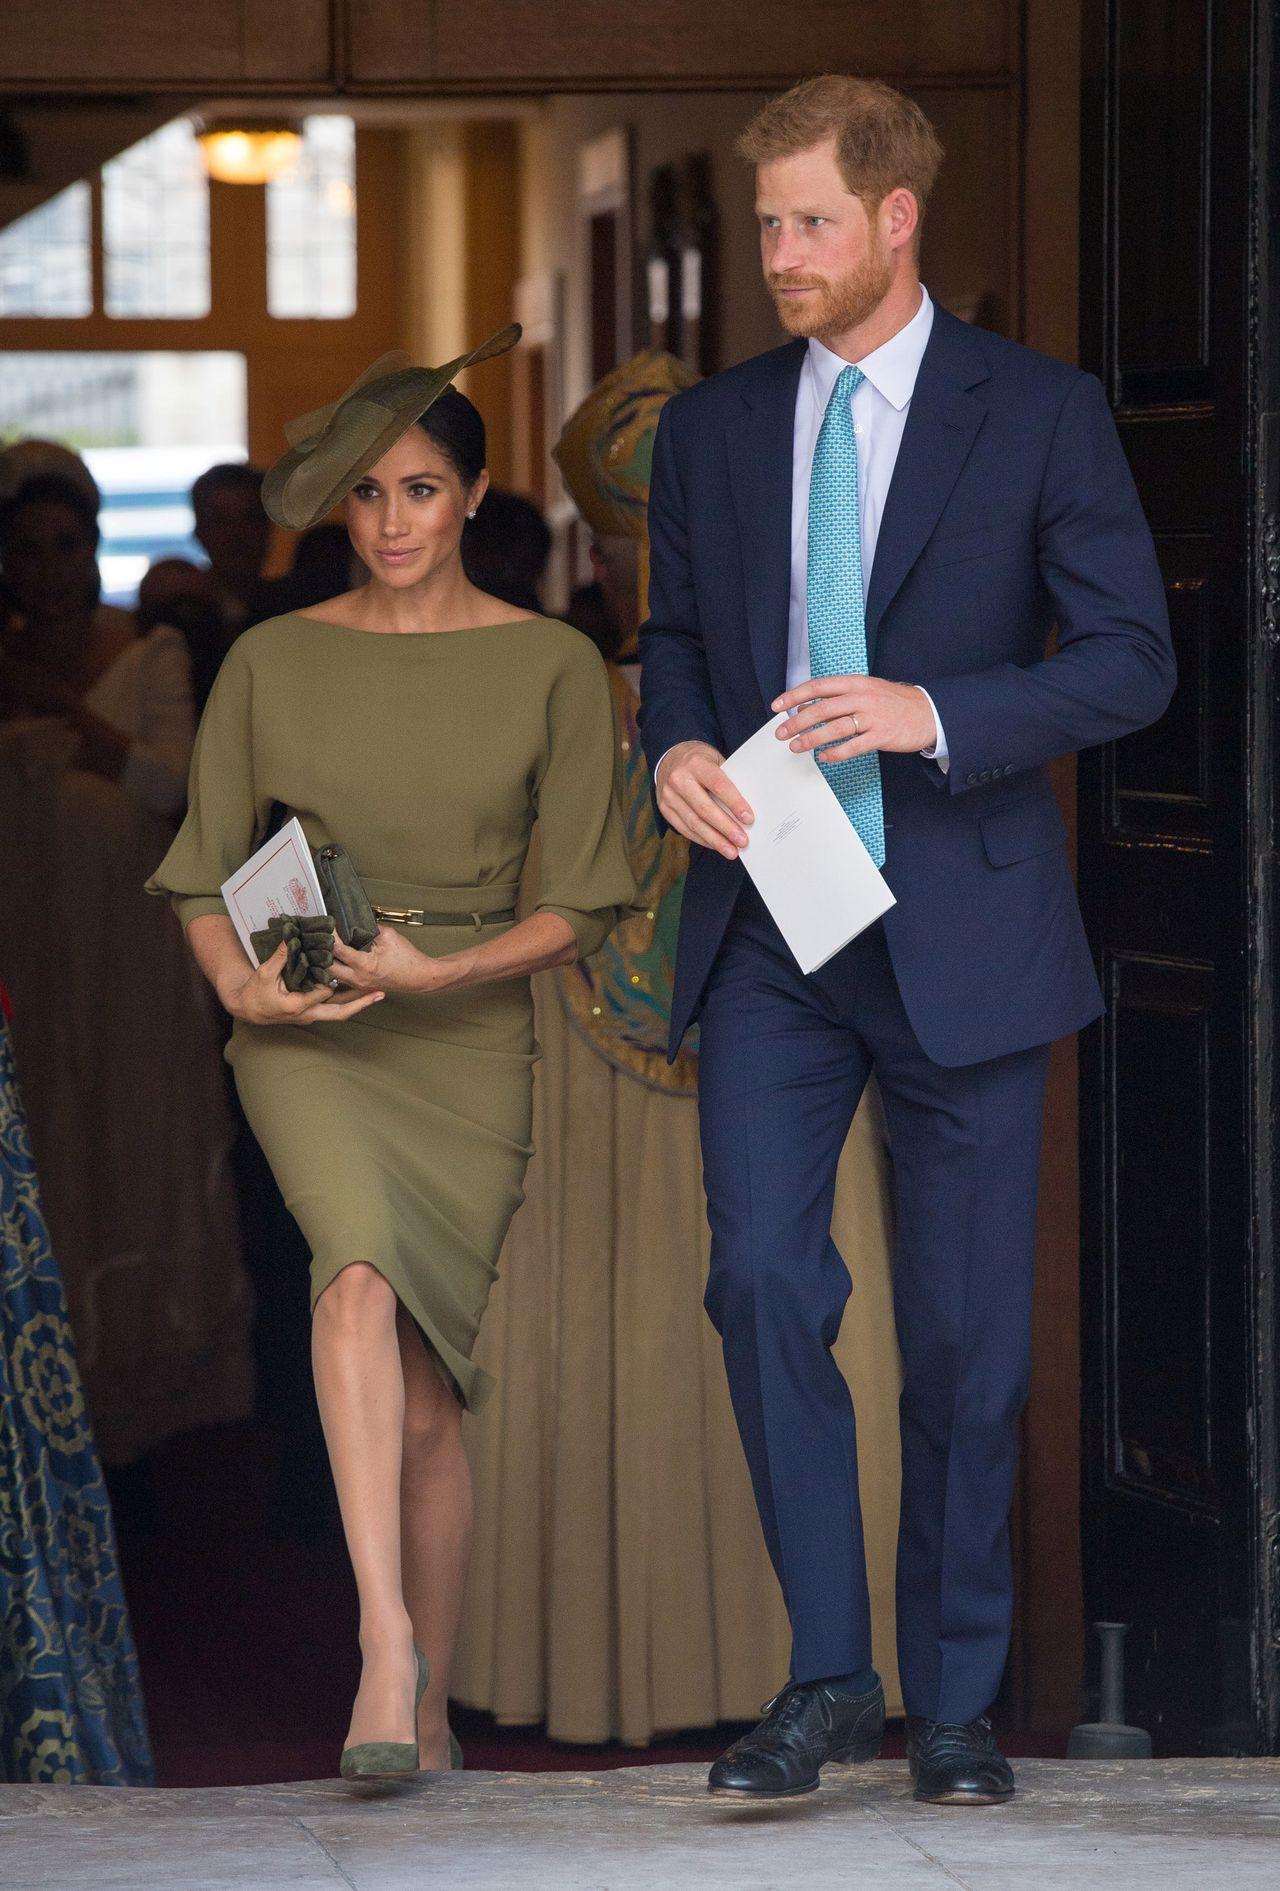 Książę Harry i Meghan Markle na oficjalnym wystąpieniu.